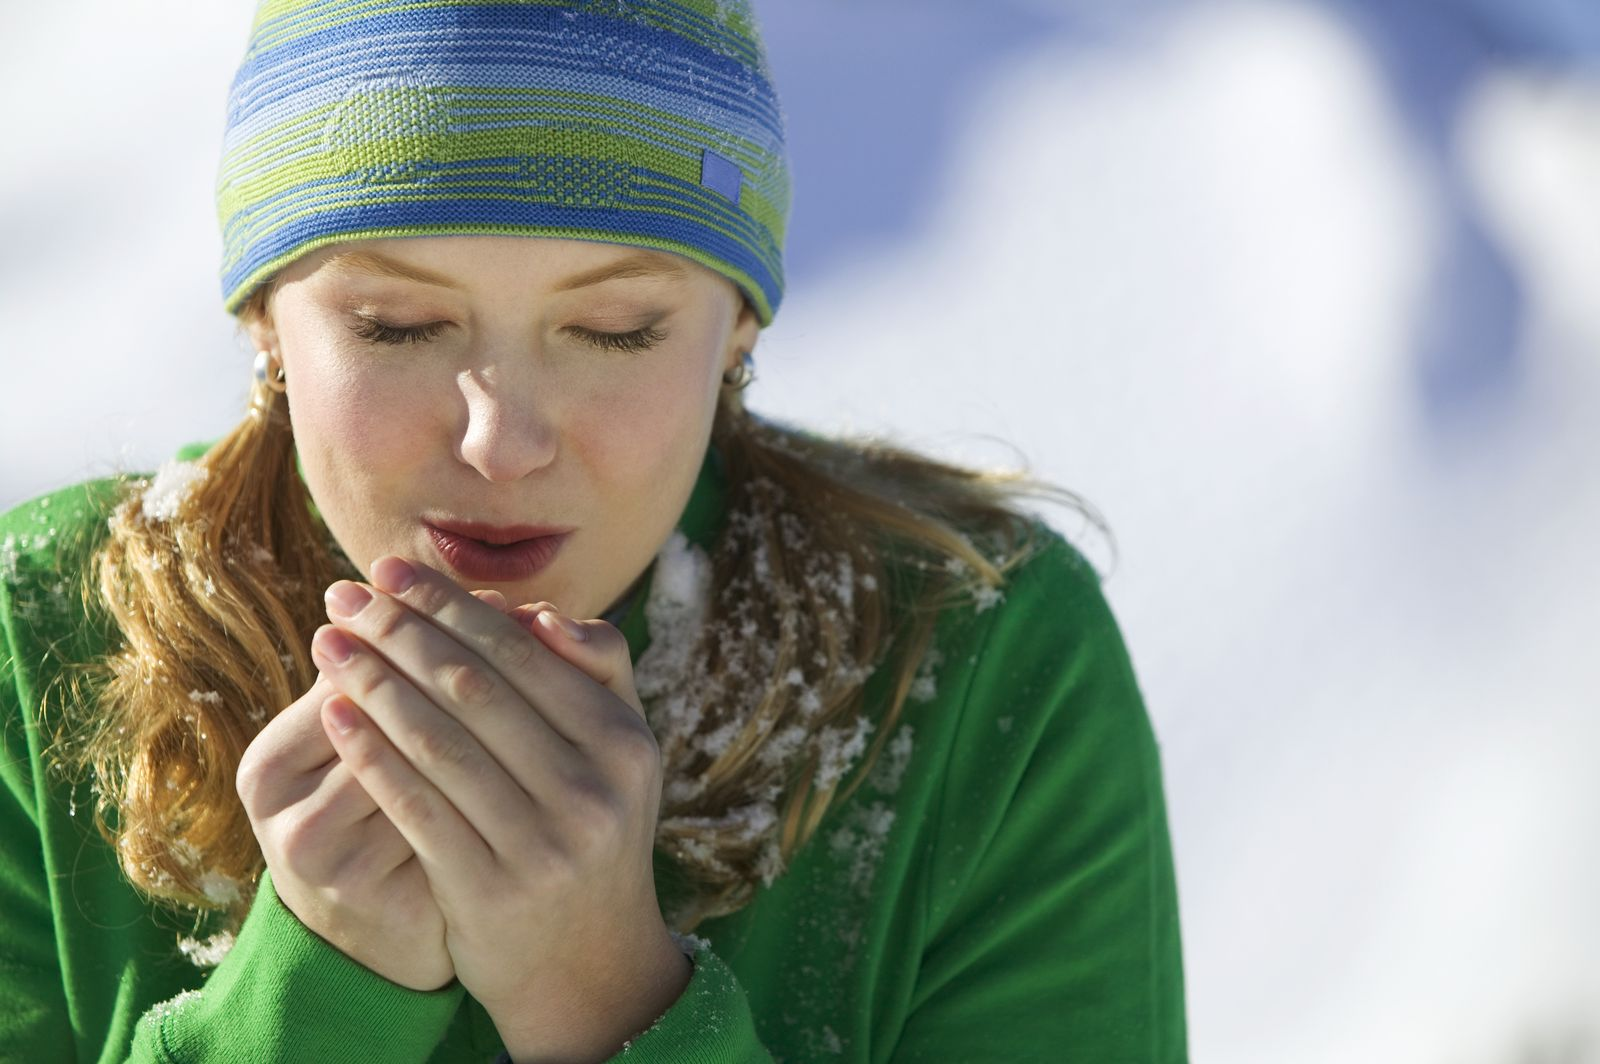 NICHT MEHR VERWENDEN! - Symbolbild Kälte / Kalte Hände / Kalte Finger / Frost / Frieren